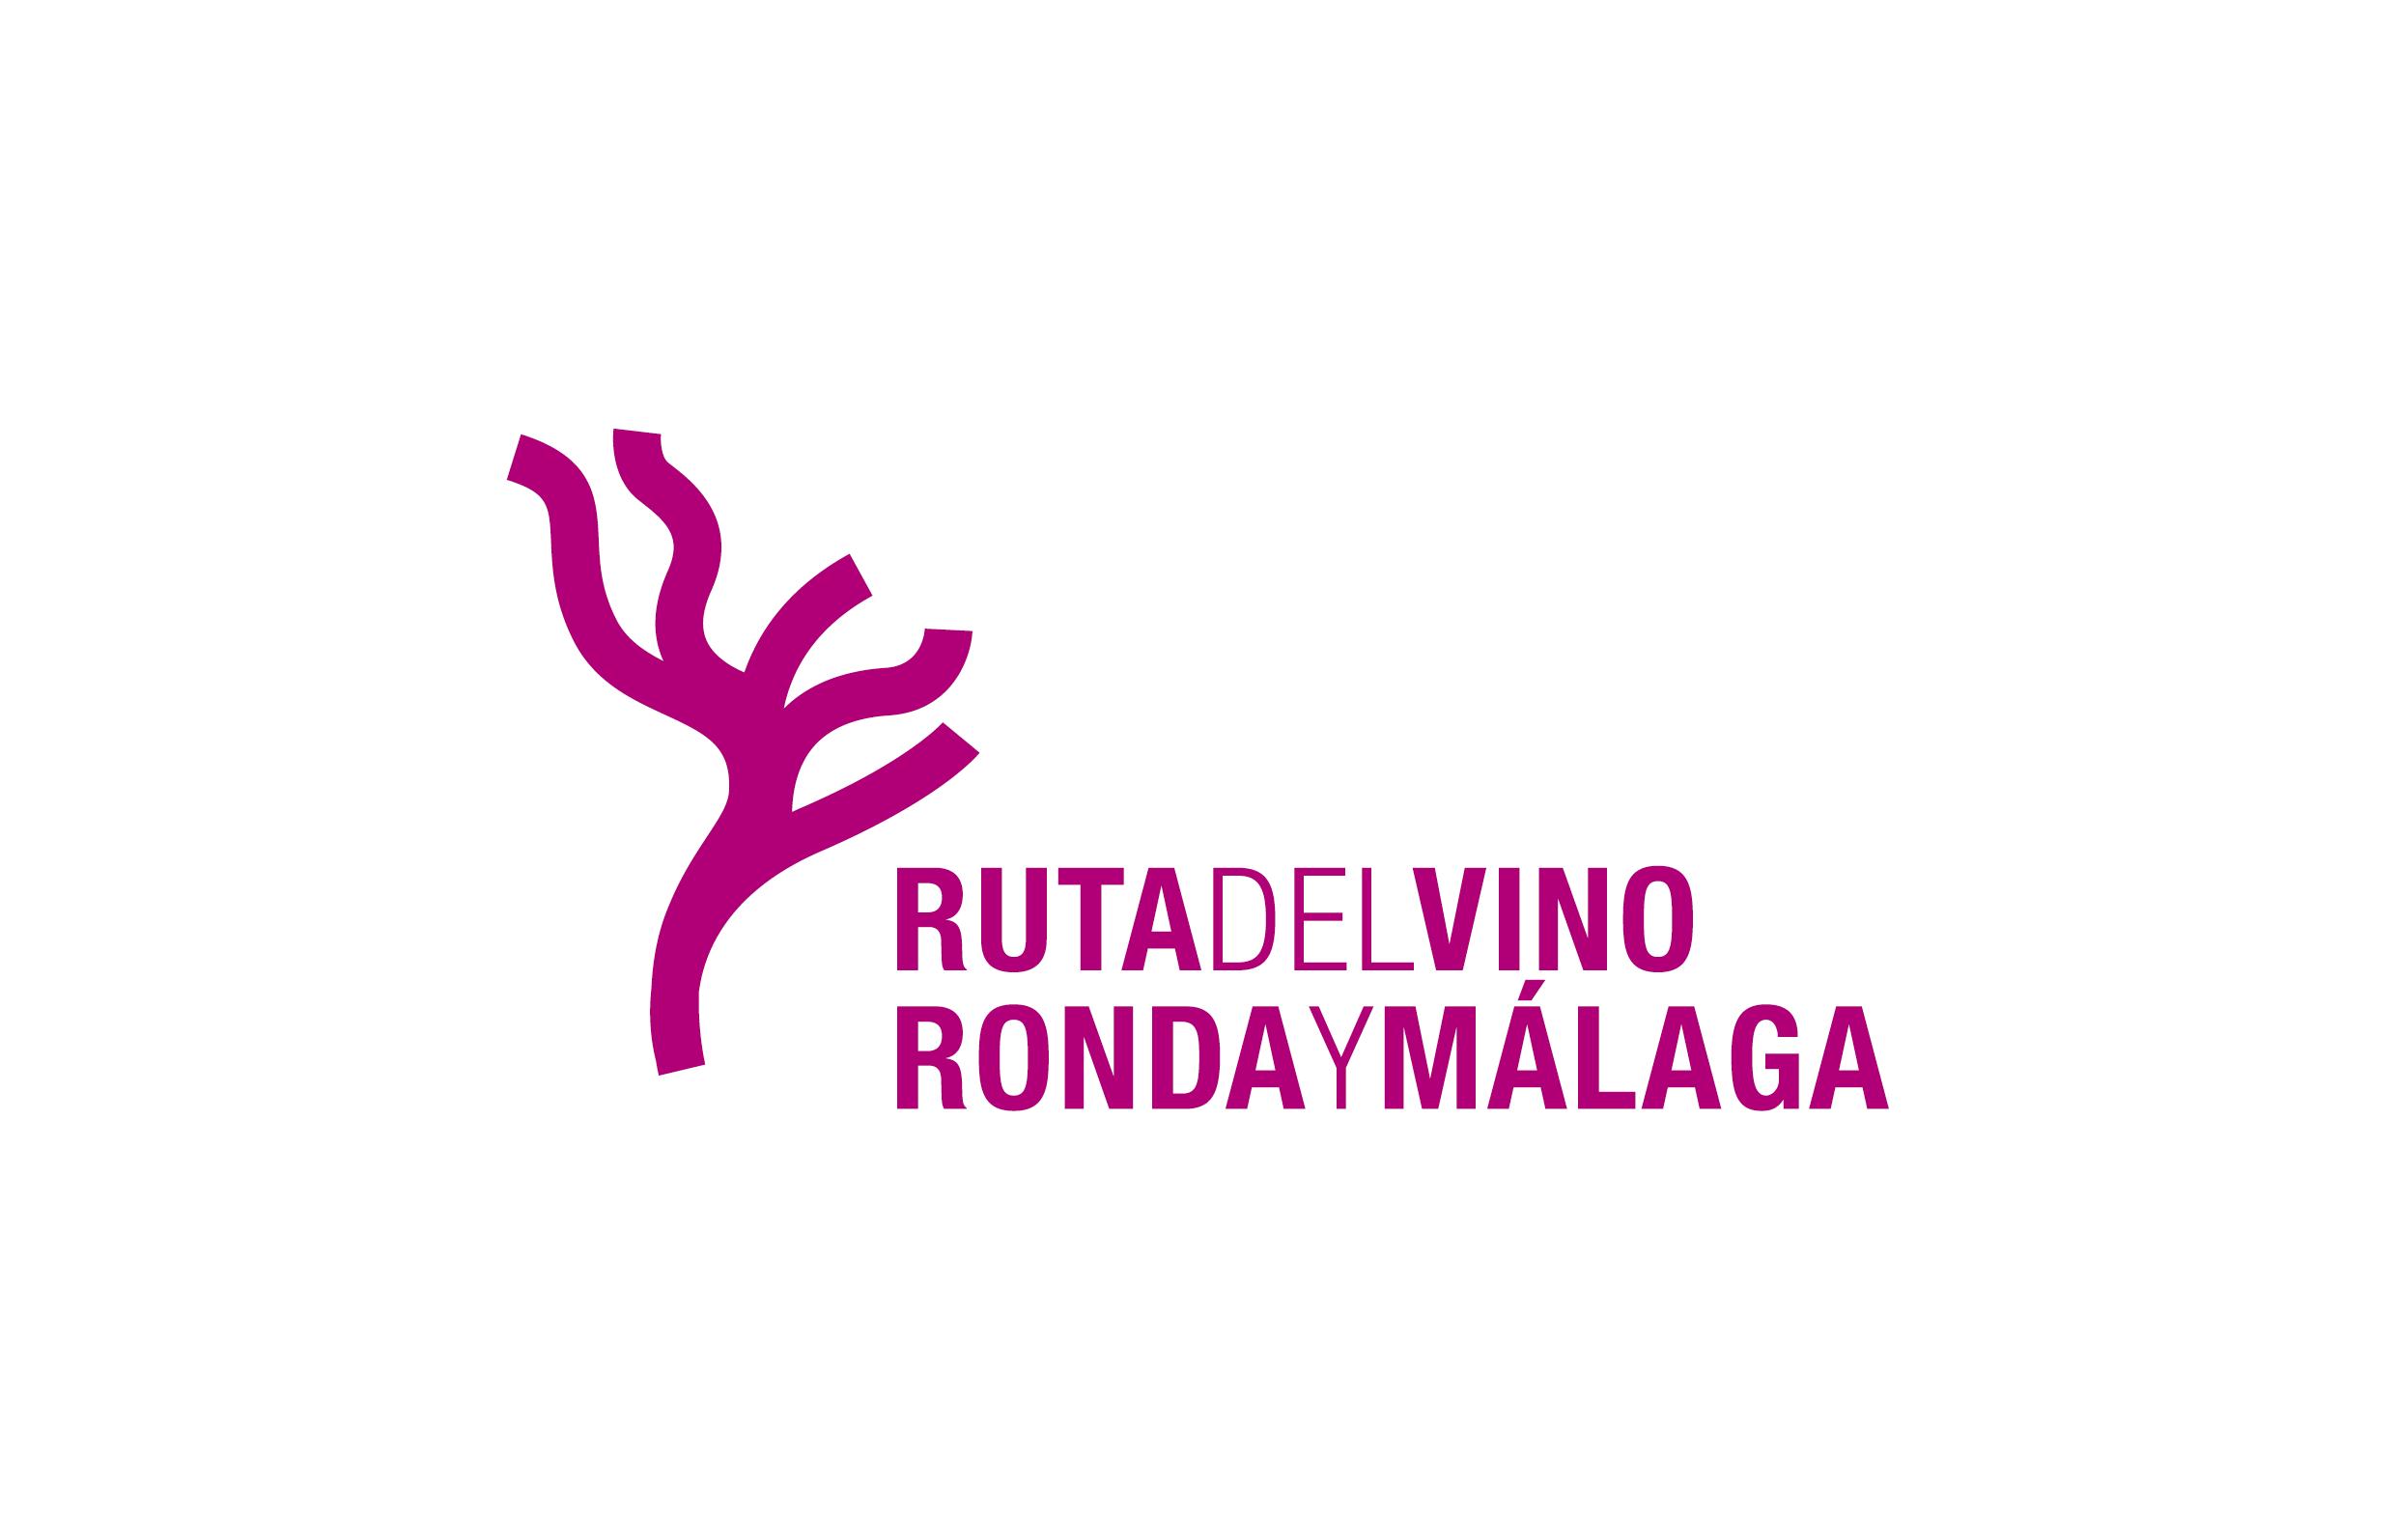 Ruta de Vino de Ronda y Málaga. Logotipo